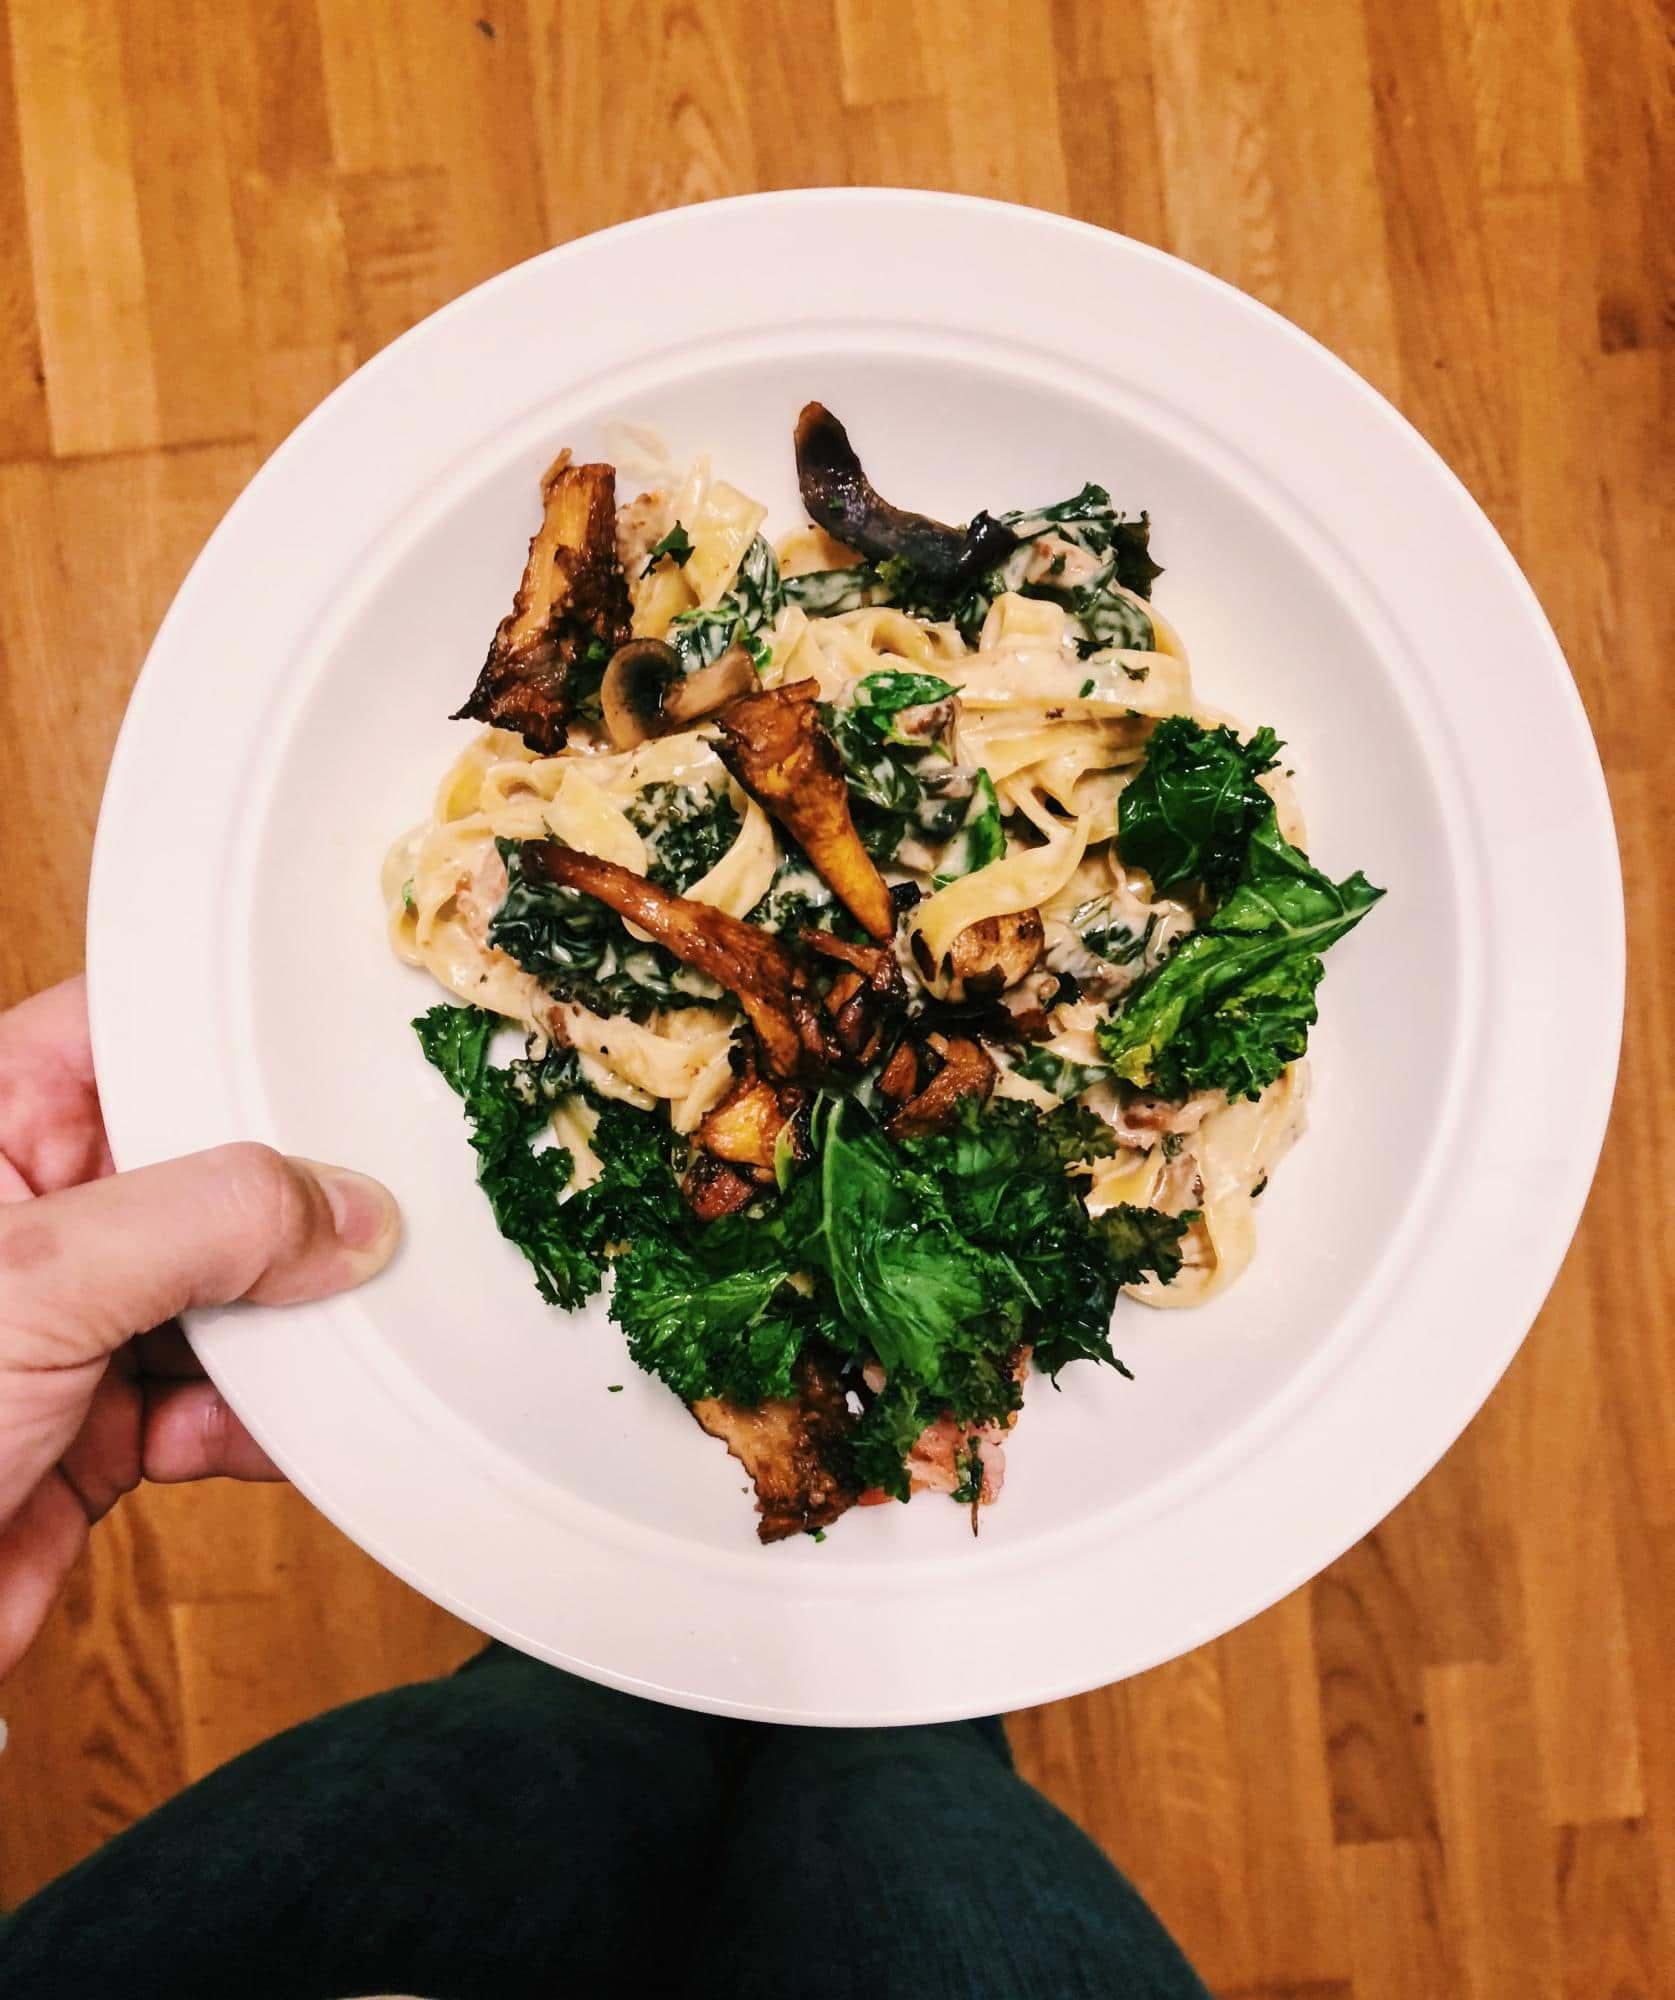 Pasta med kantareller, grönkål och persilja